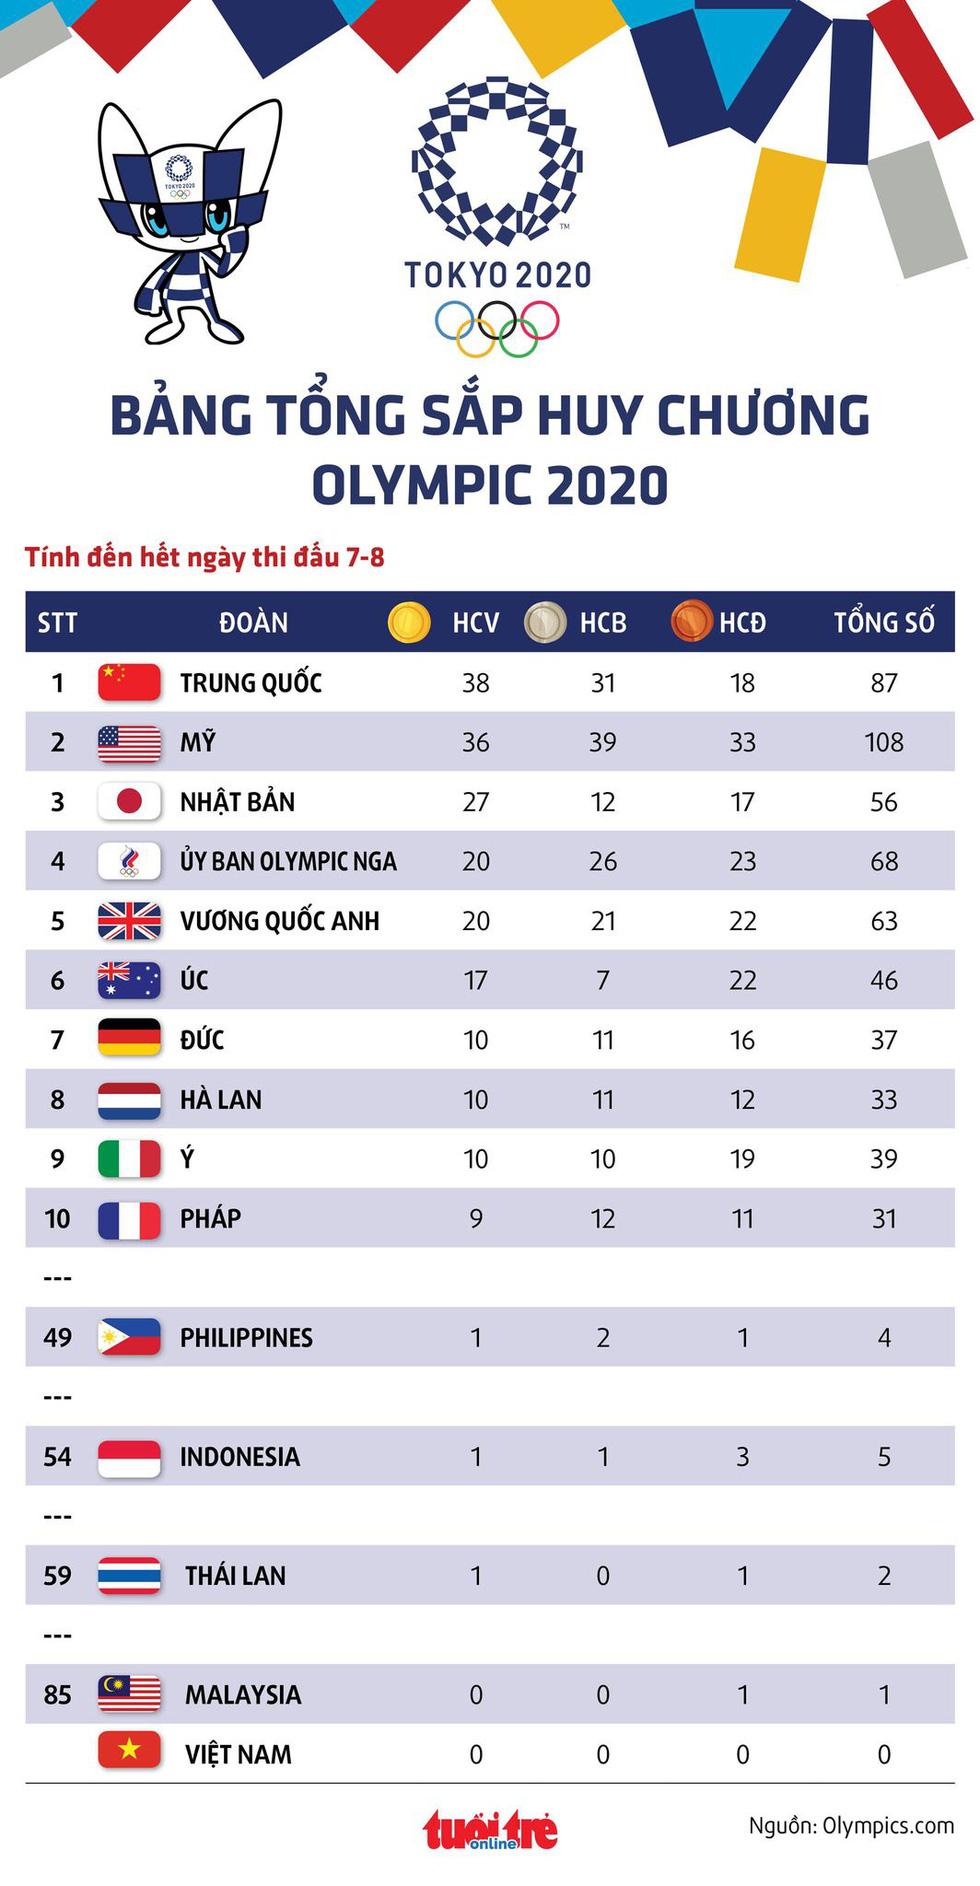 Tung cú nước rút thần tốc, Mỹ vượt mặt Trung Quốc giành ngôi nhất toàn đoàn ở Olympic 2020 - Ảnh 9.